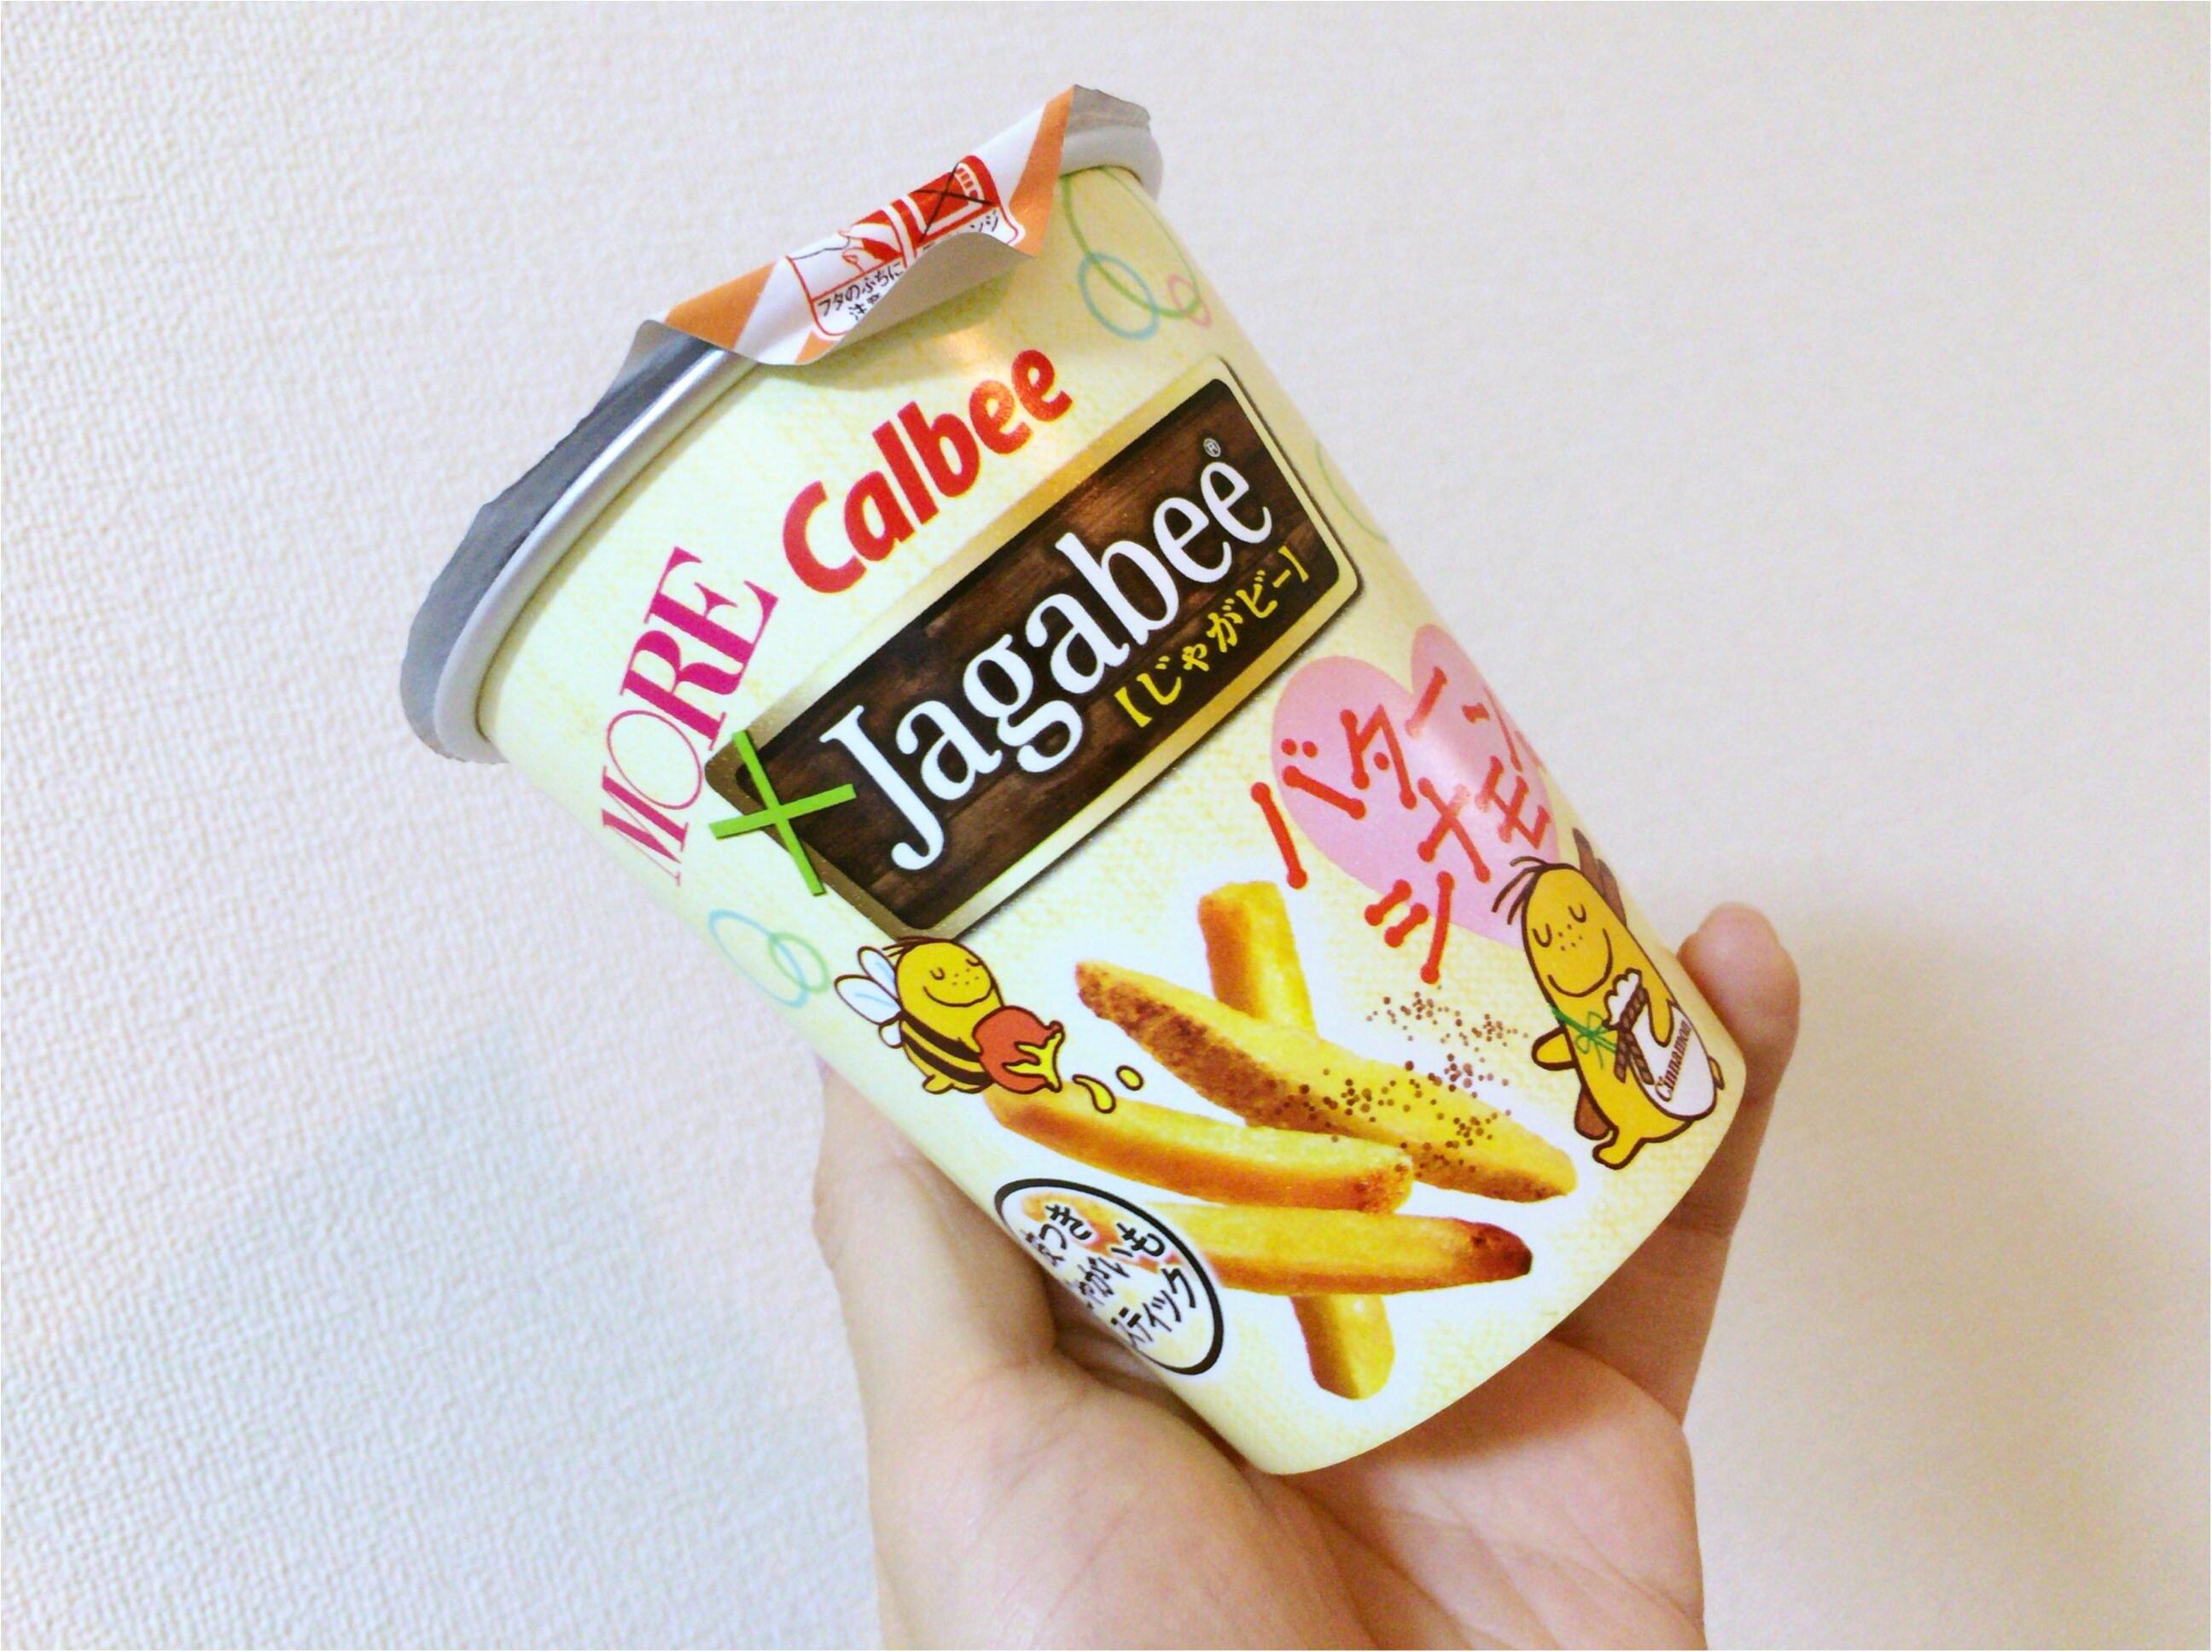 まだ食べてない?【バターシナモン味】甘じょっぱいがたまらん!『MORE』『Calbee』コラボのスイーツ系♡コンビニ先行発売中‼︎_2